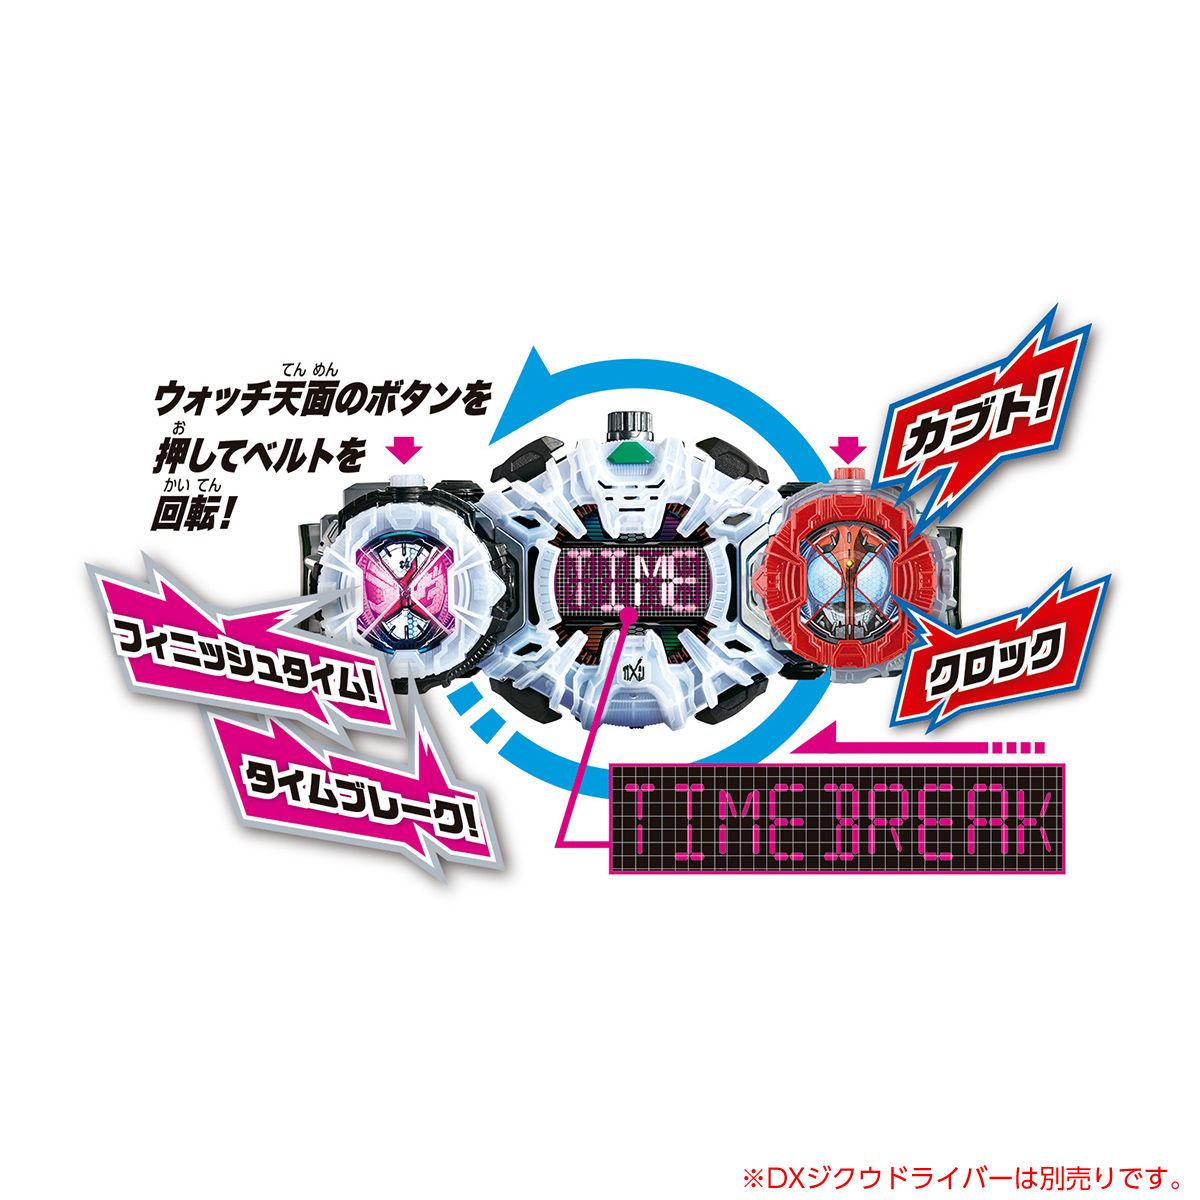 仮面ライダージオウ『DXカブトライドウォッチ』変身なりきり-005